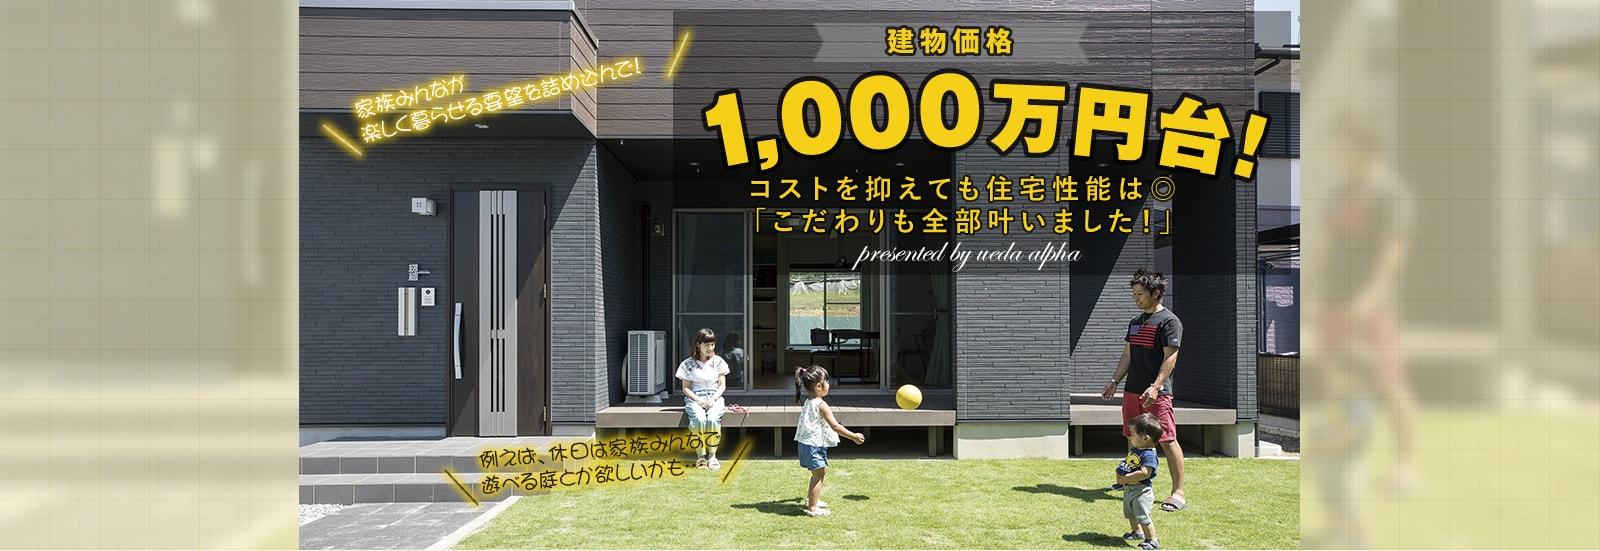 建物価格1000万円台!コストを抑えて全部叶える